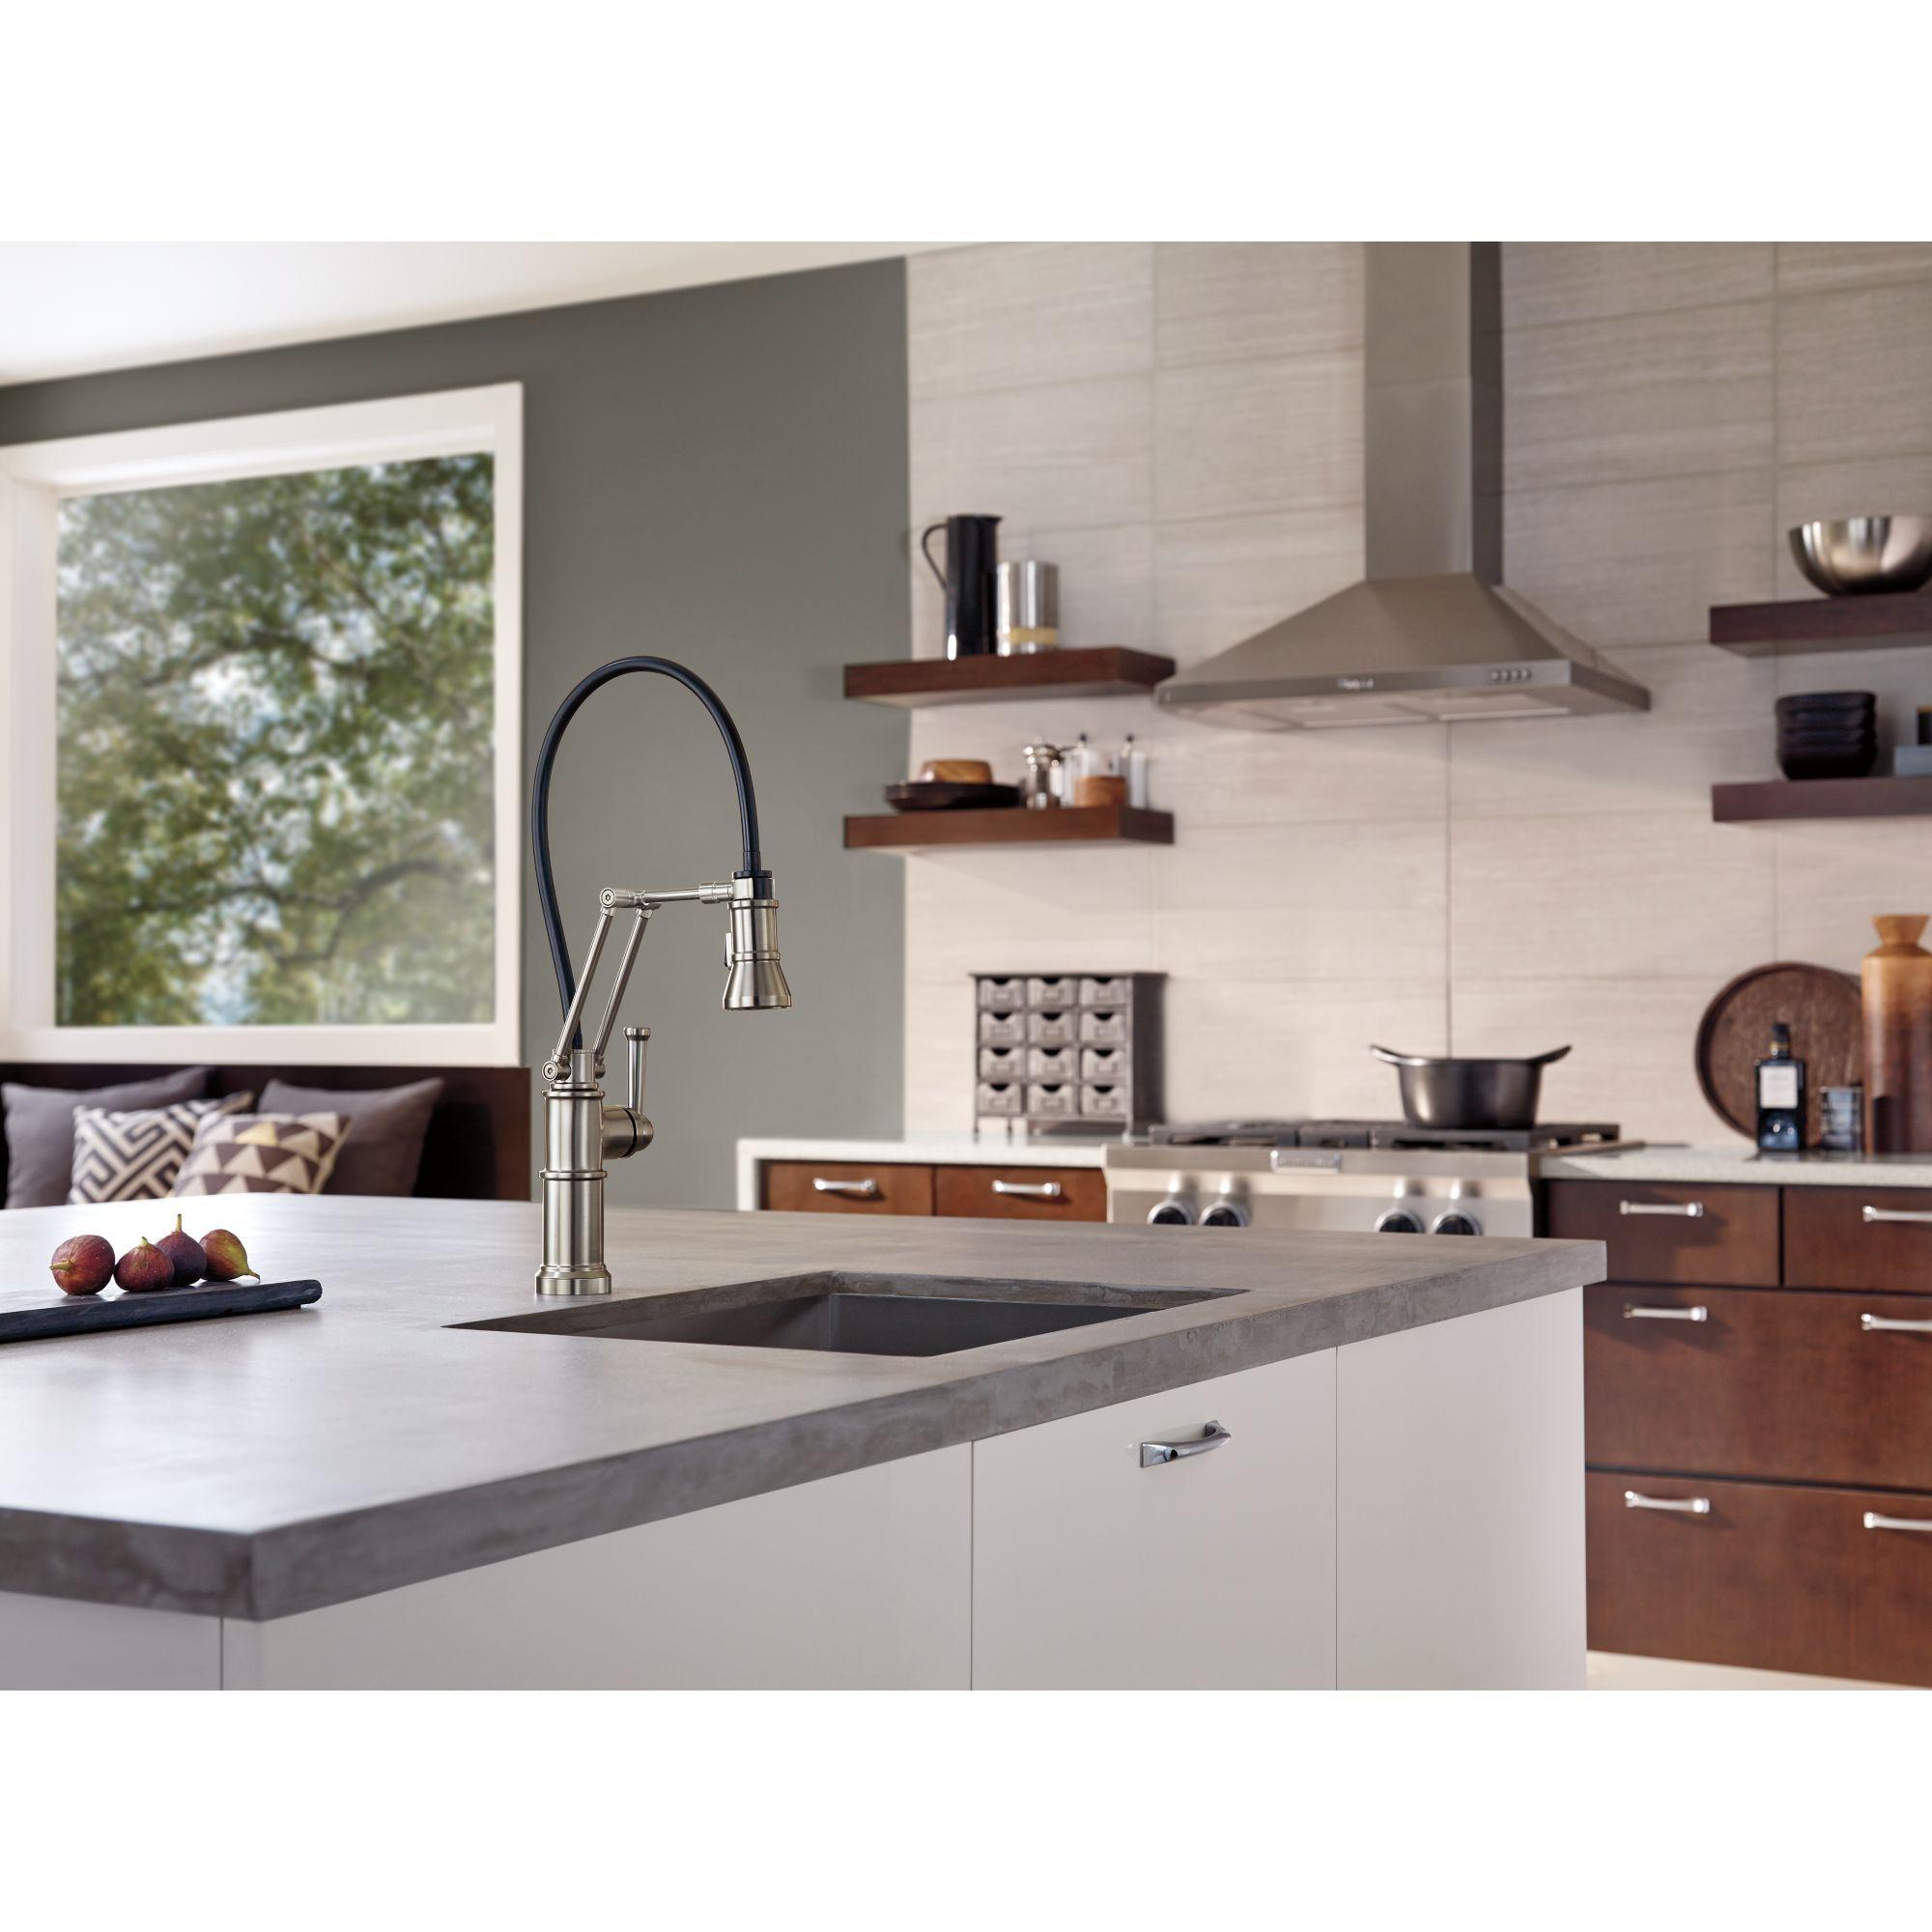 Muebles y Accesorios de cocinas espectaculares! | Ideas de ...